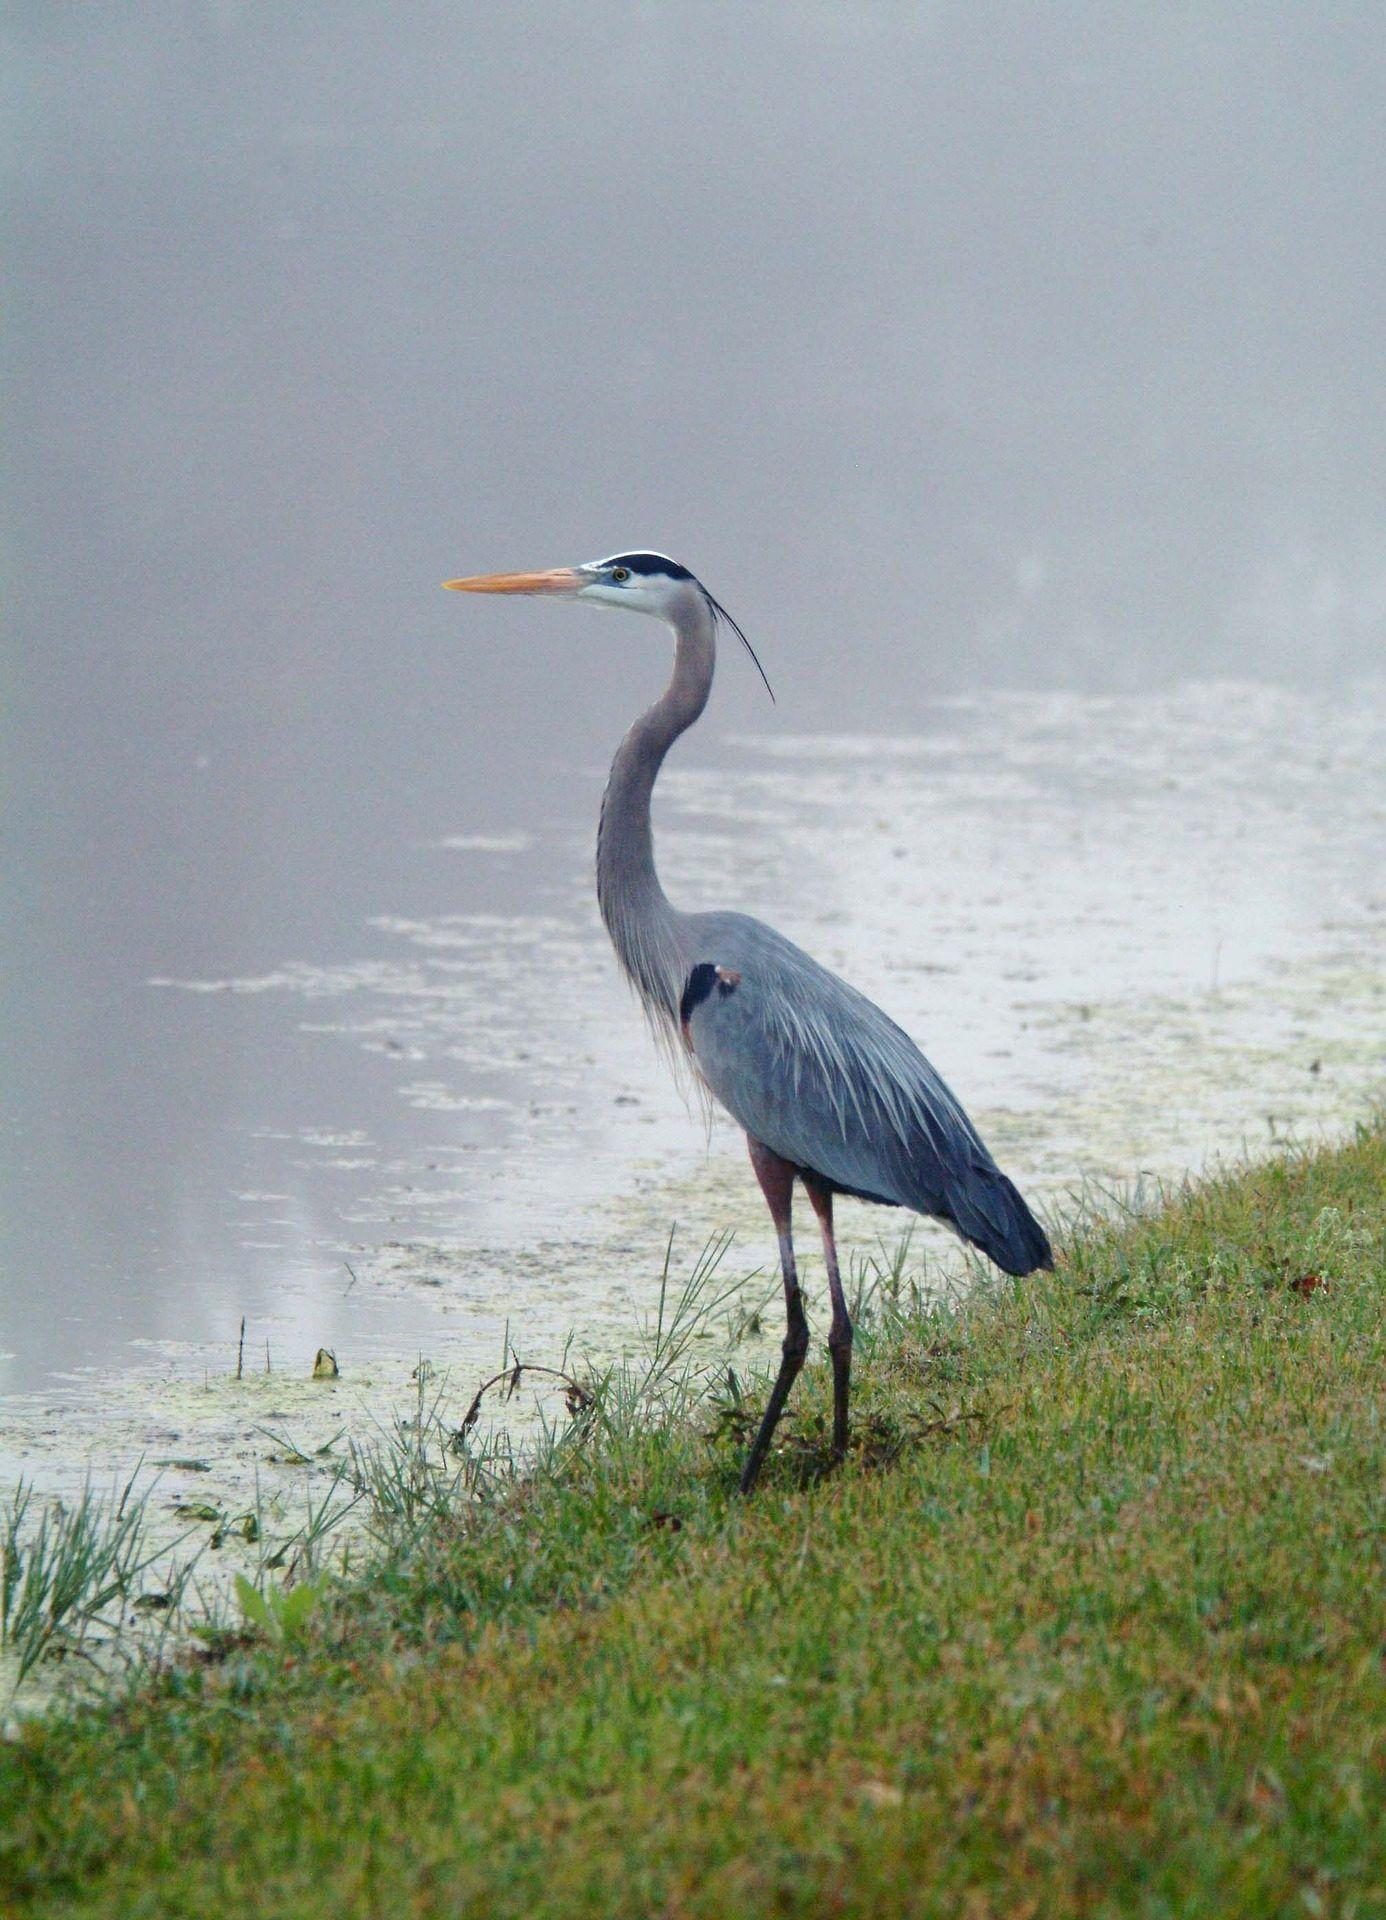 grulla, pájaro, ave, pantano, laguna, salvaje, libertad, 1702020833 ...